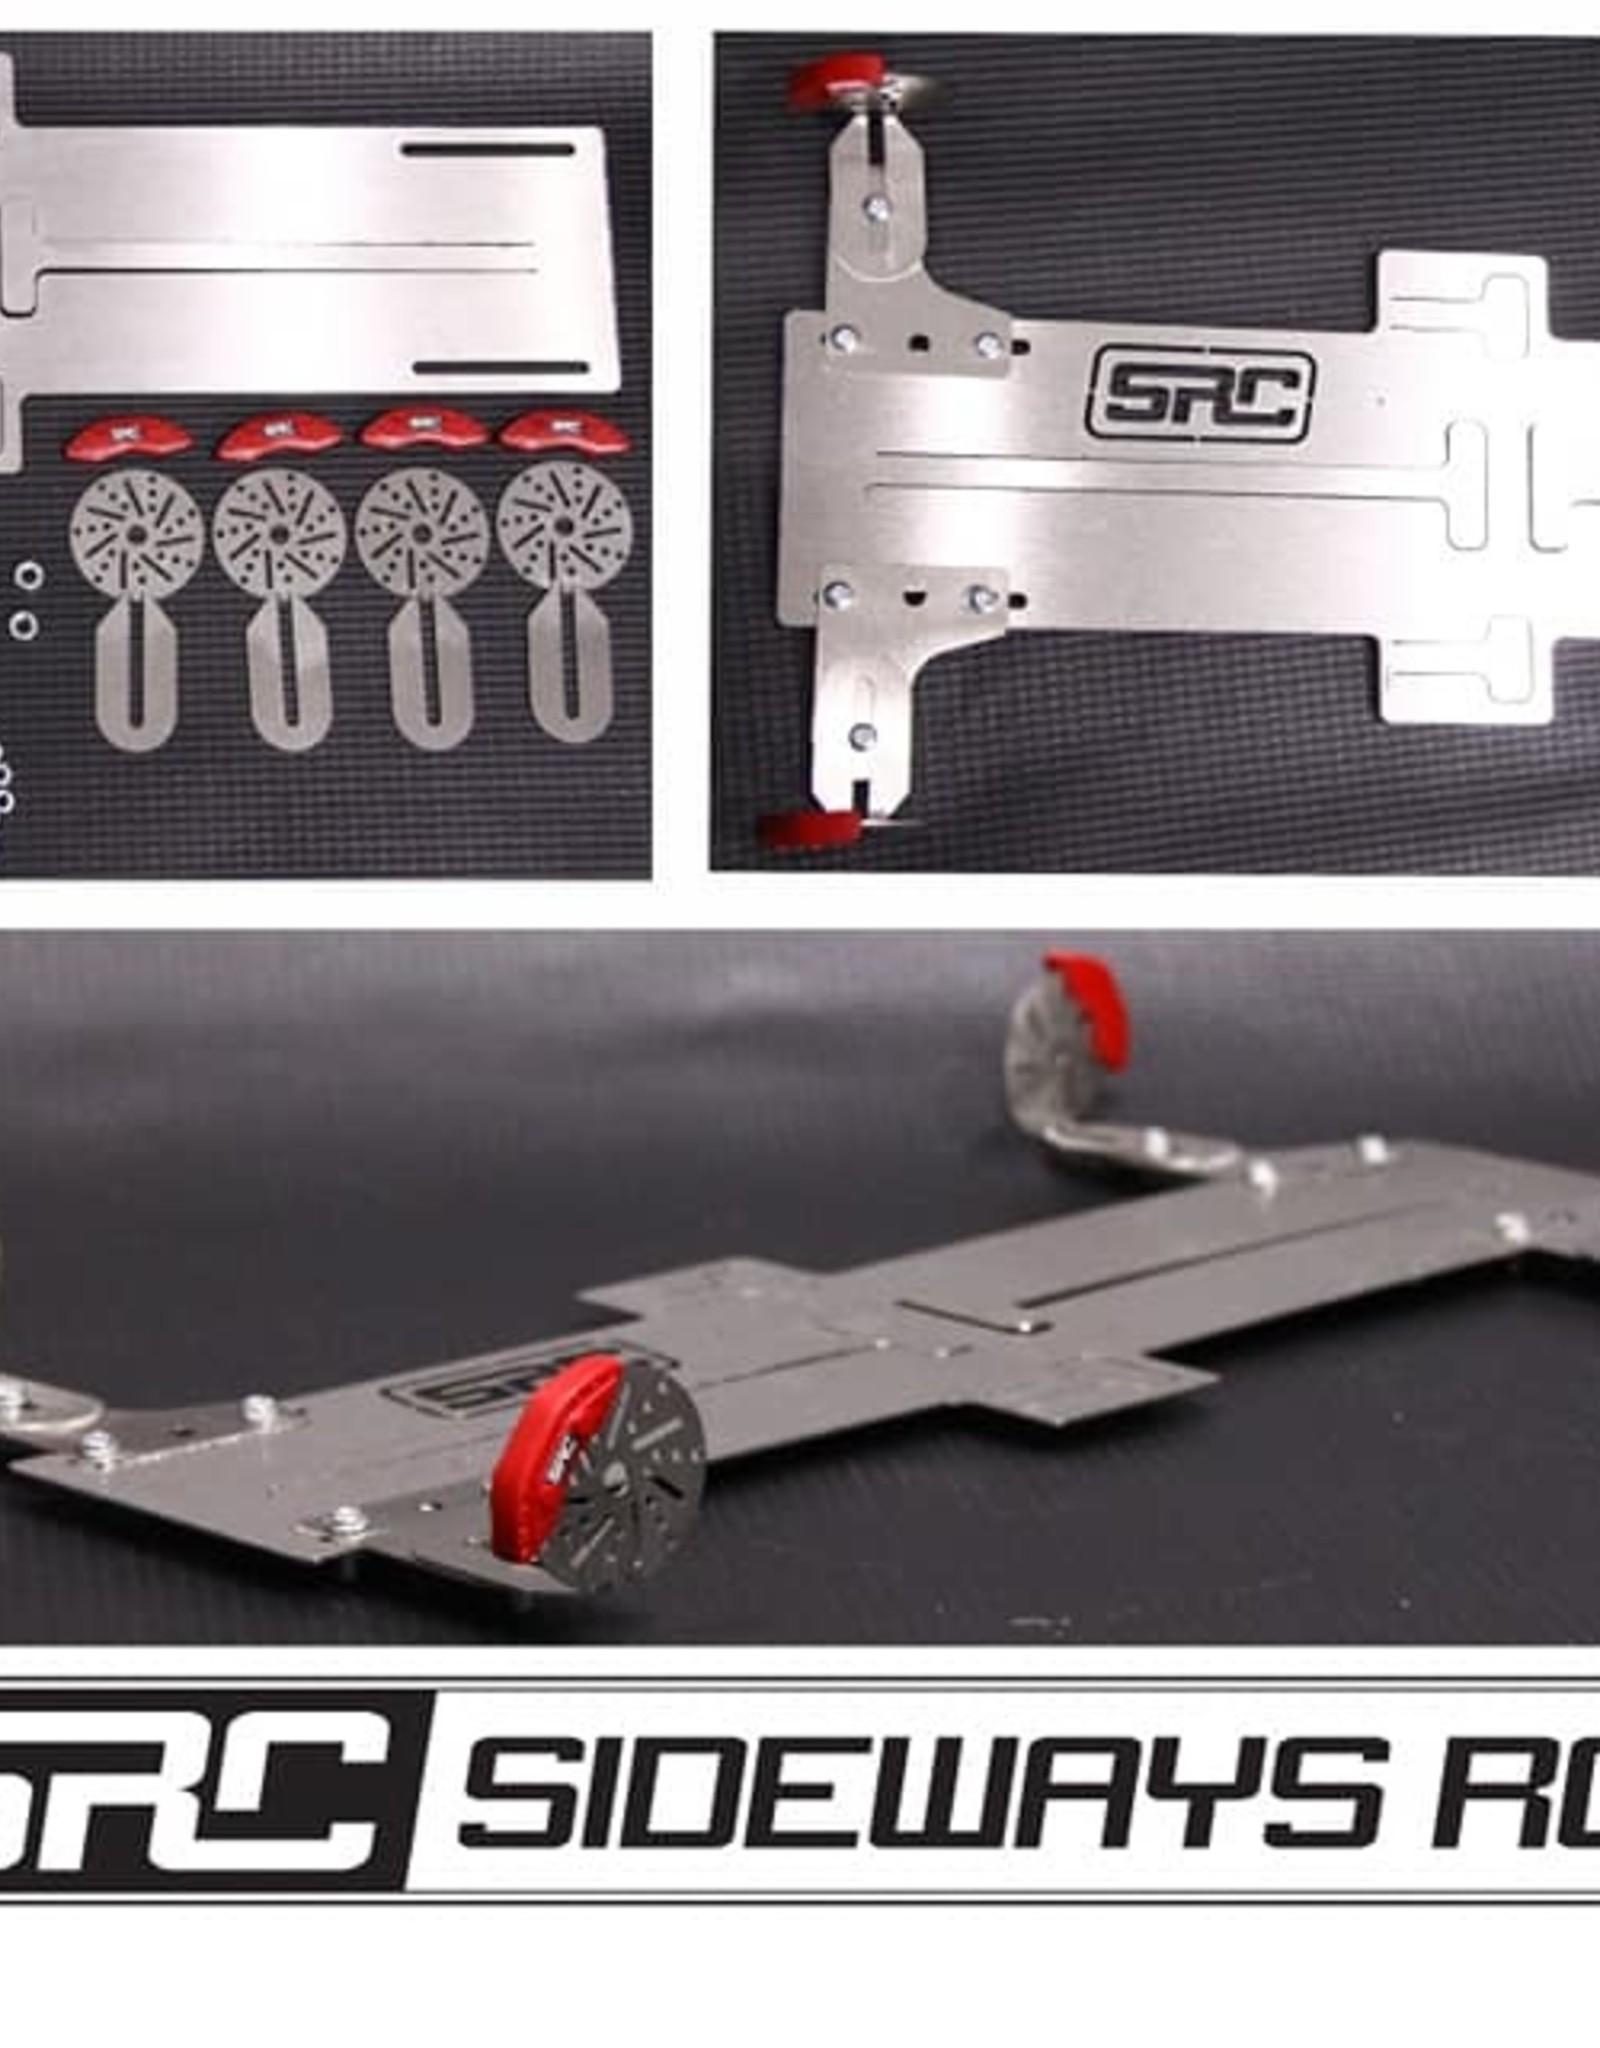 SRC SRCDSPCH1 Display Chassis V.2 by SRC